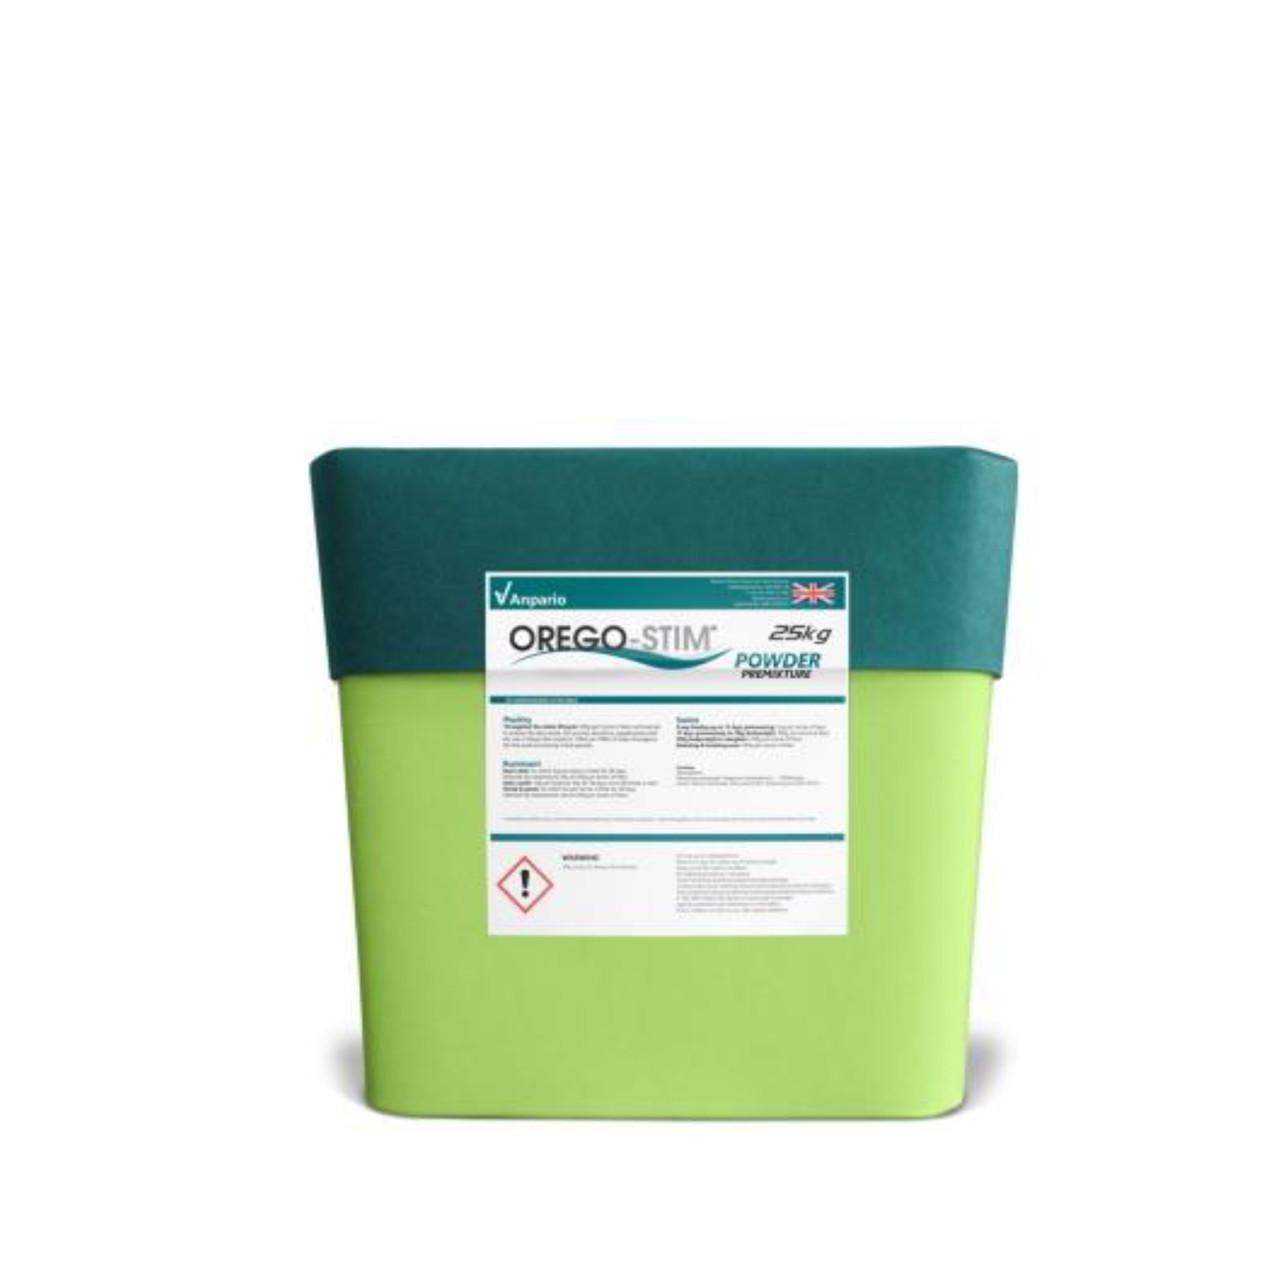 Orego-Stim Powder aditivo alimenticio estimulador de crecimiento / antioxidante / atractante Anpario